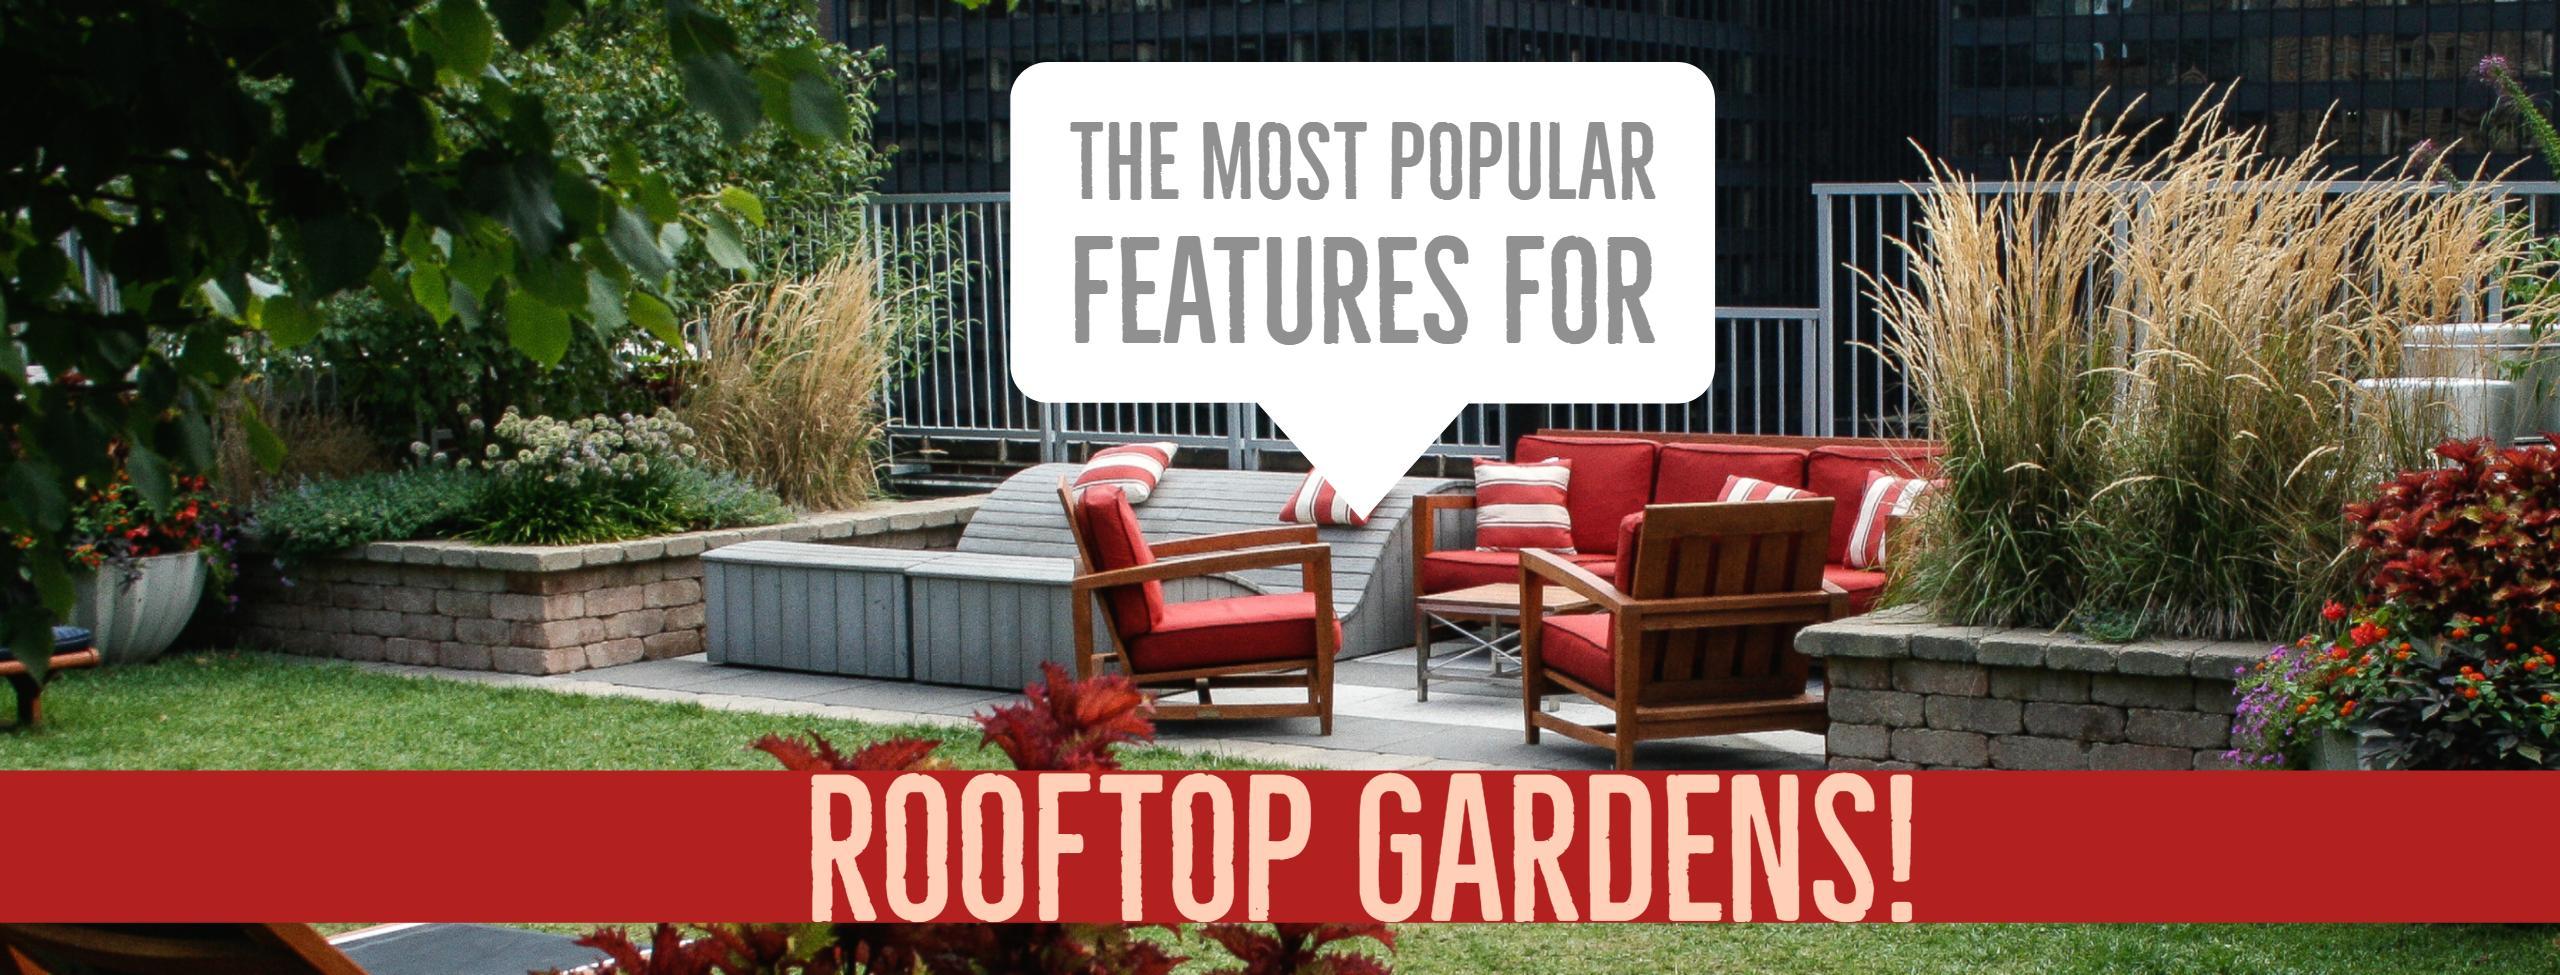 Anne Roberts Gardens Rooftop-Gardens